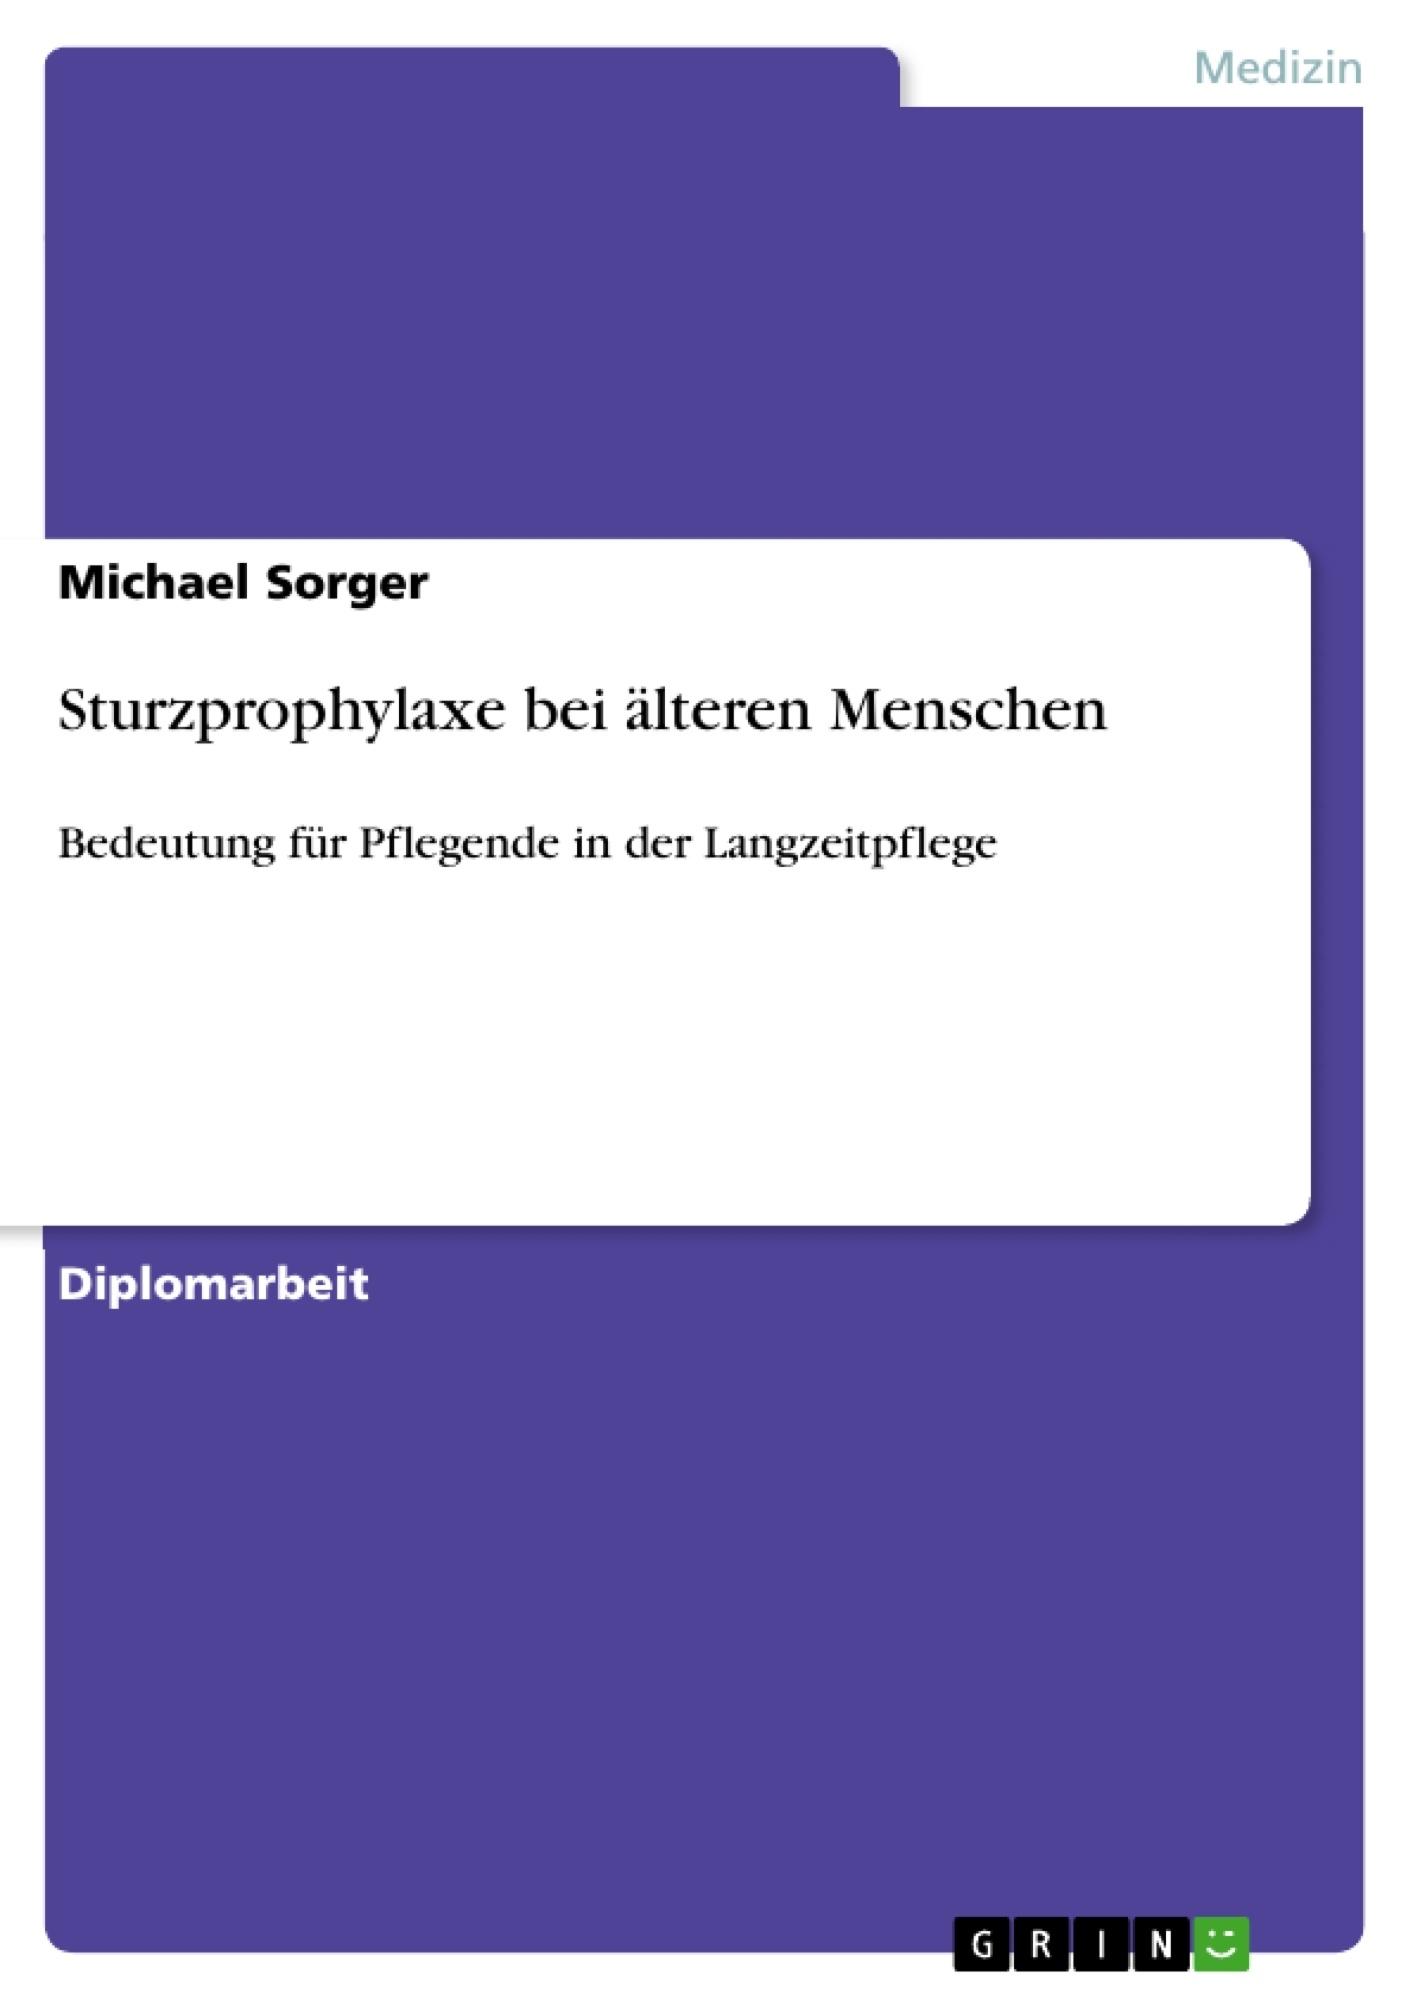 Titel: Sturzprophylaxe bei älteren Menschen